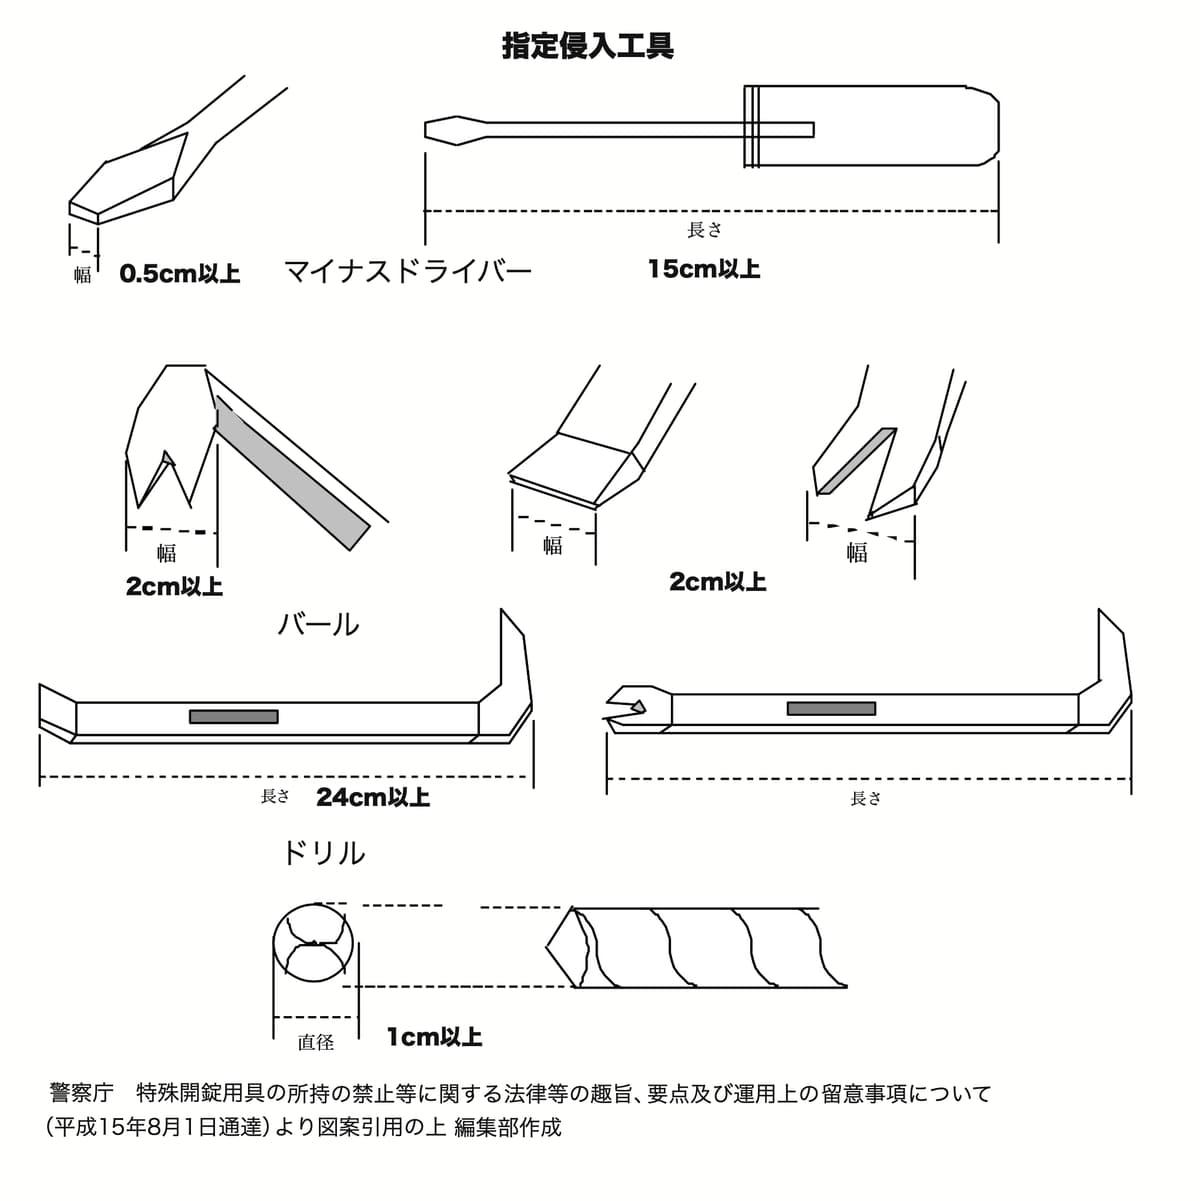 キャンプ用品のナイフ、包丁、ナタなどの刃物類はクルマに積んだままにしておくと銃刀法違反に問われる